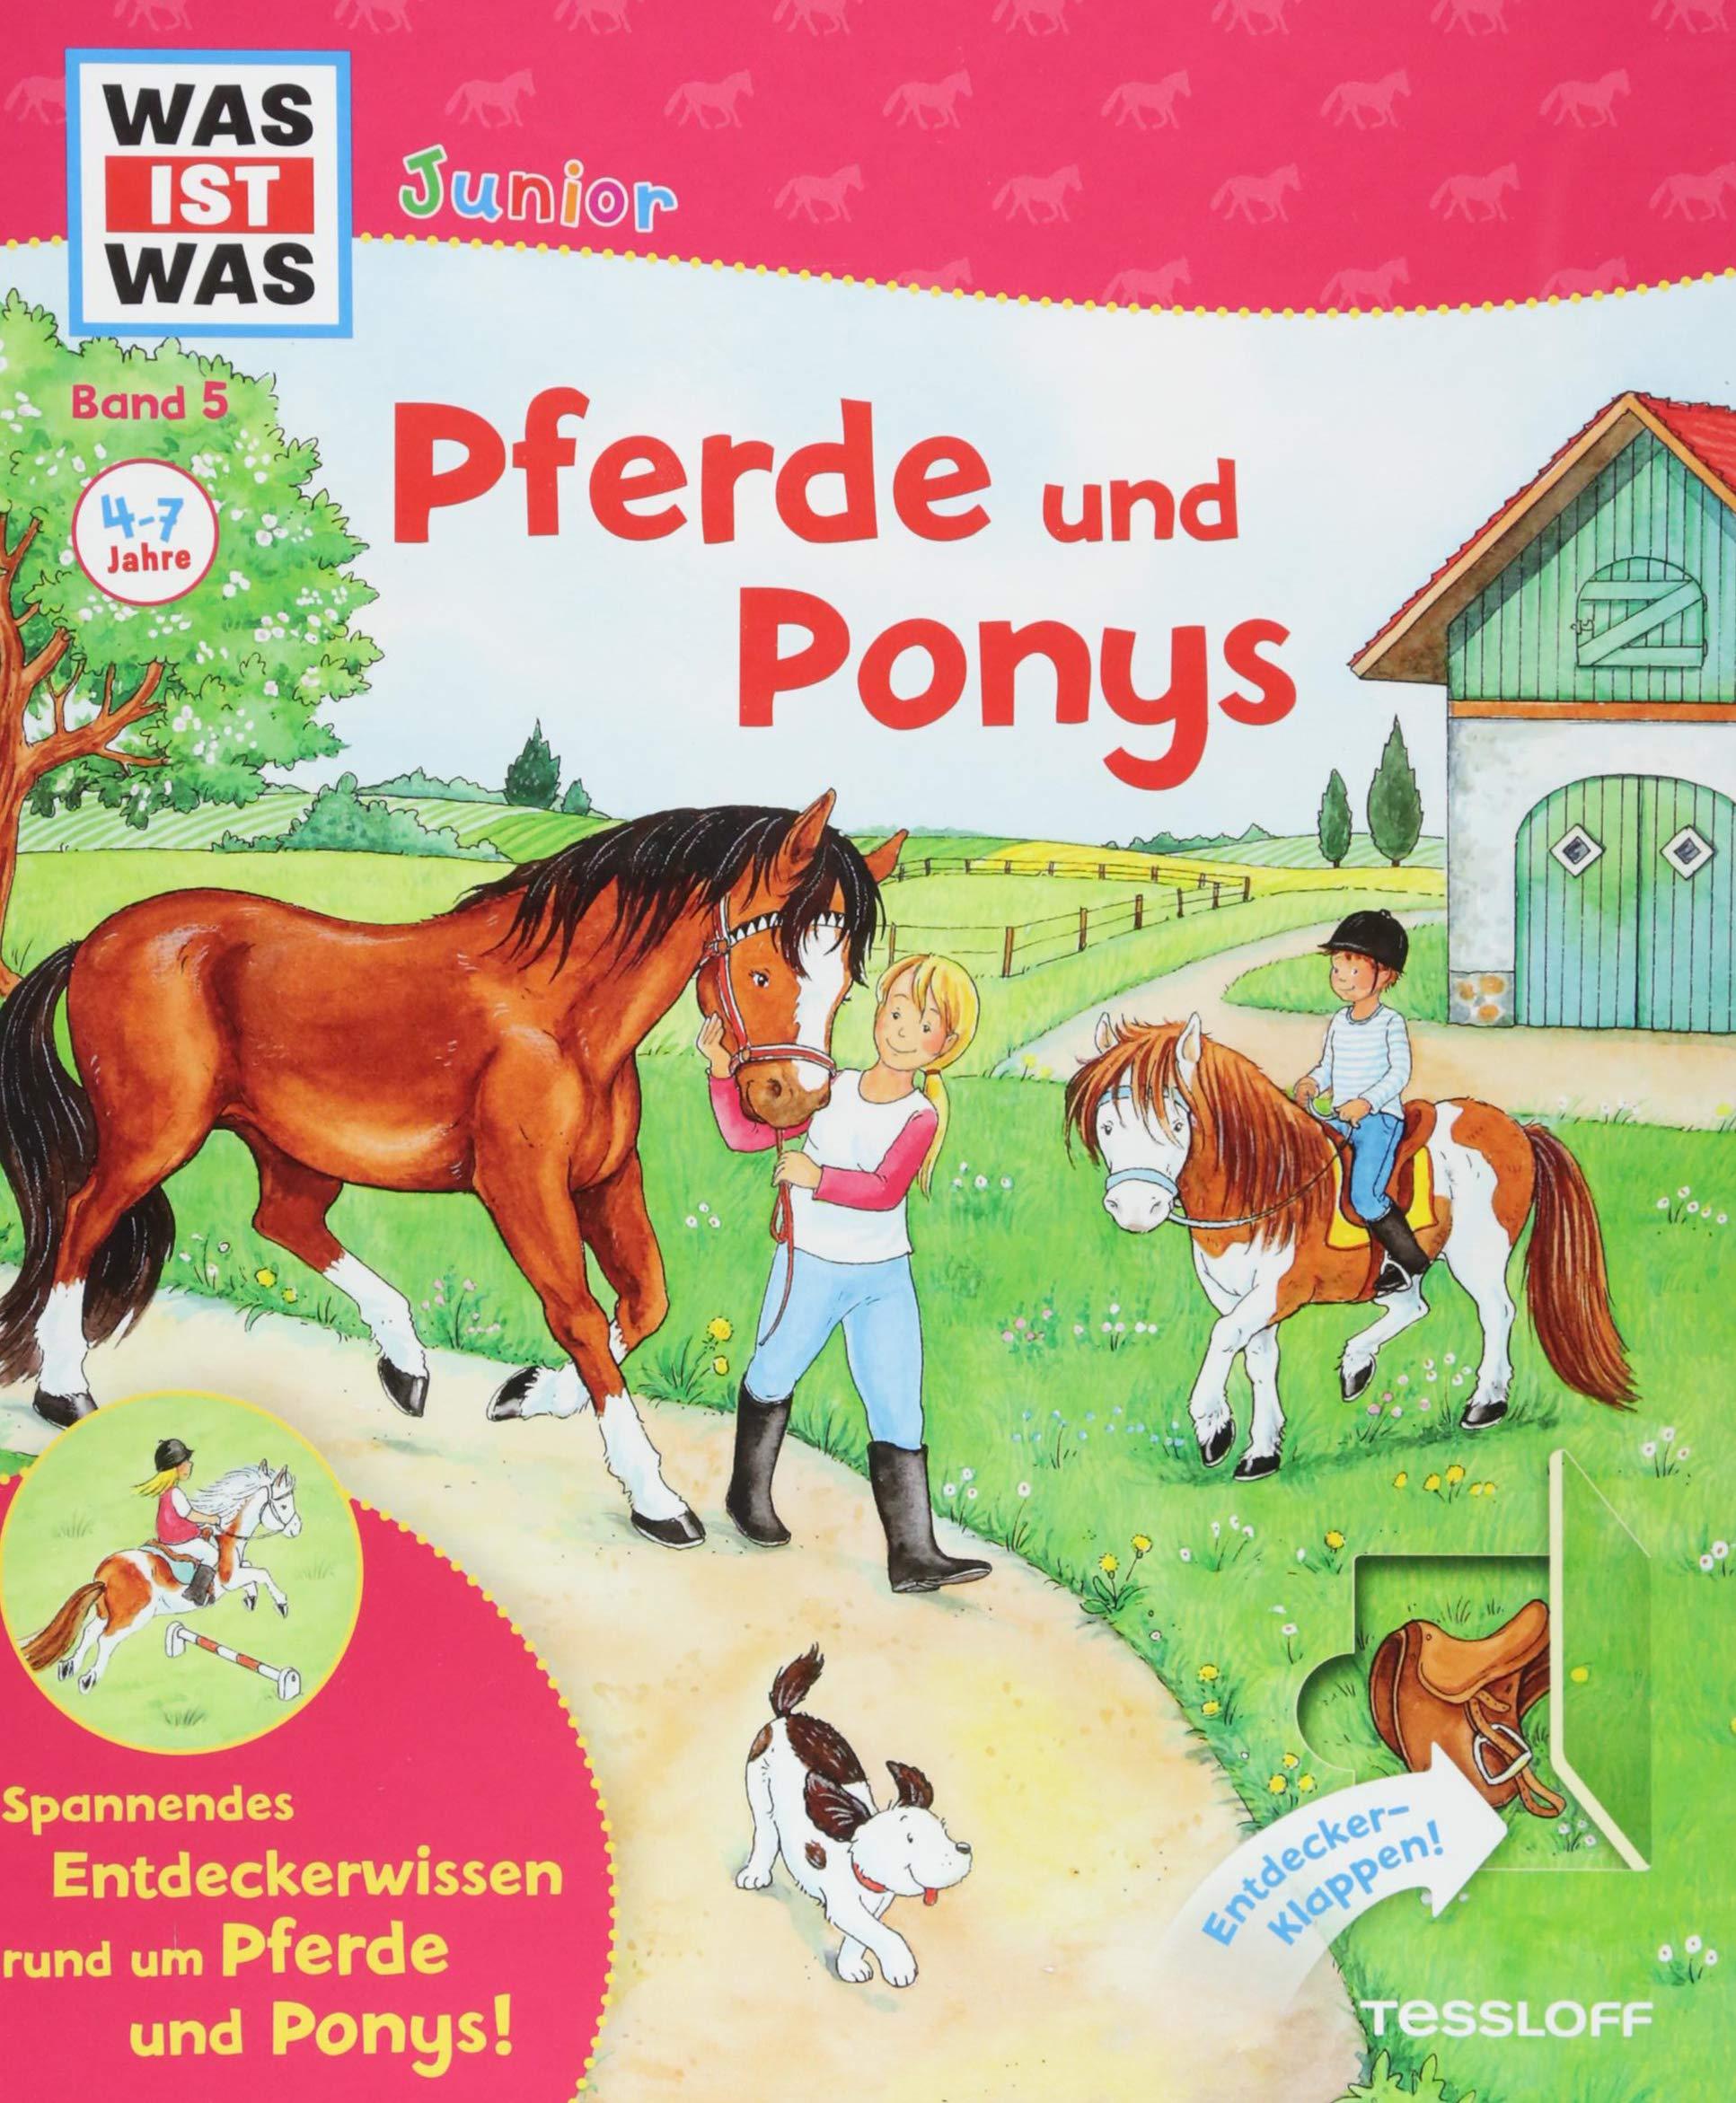 WAS IST WAS Junior Band 5. Pferde Und Ponys  Wie Pflegt Man Ein Pferd  Wie Lernt Man Reiten  Welche Pferde Gibt Es   WAS IST WAS Junior Sachbuch Band 5